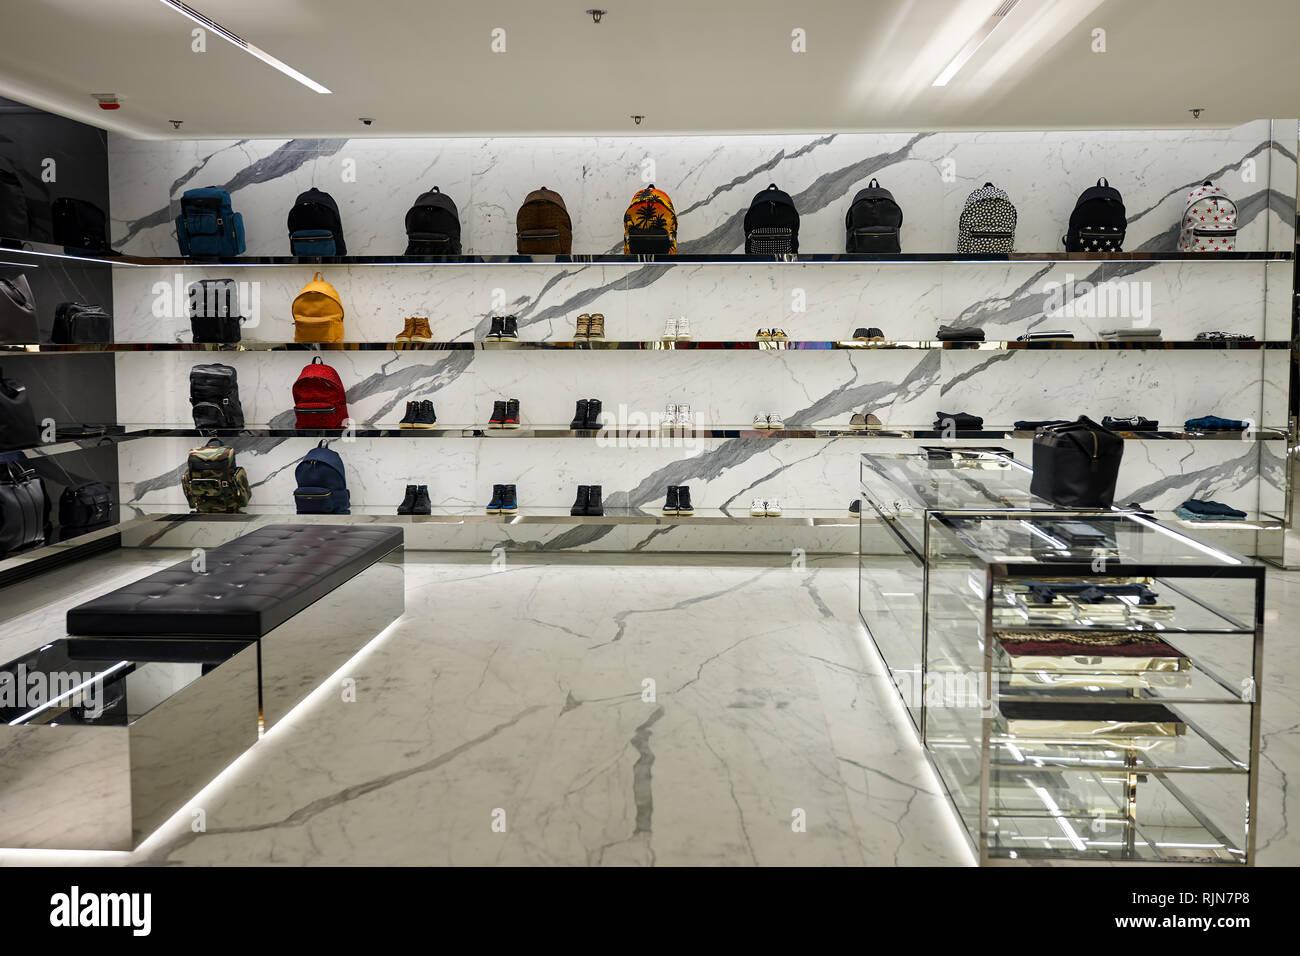 HONG KONG - JANUARY 26, 2016: YSL store